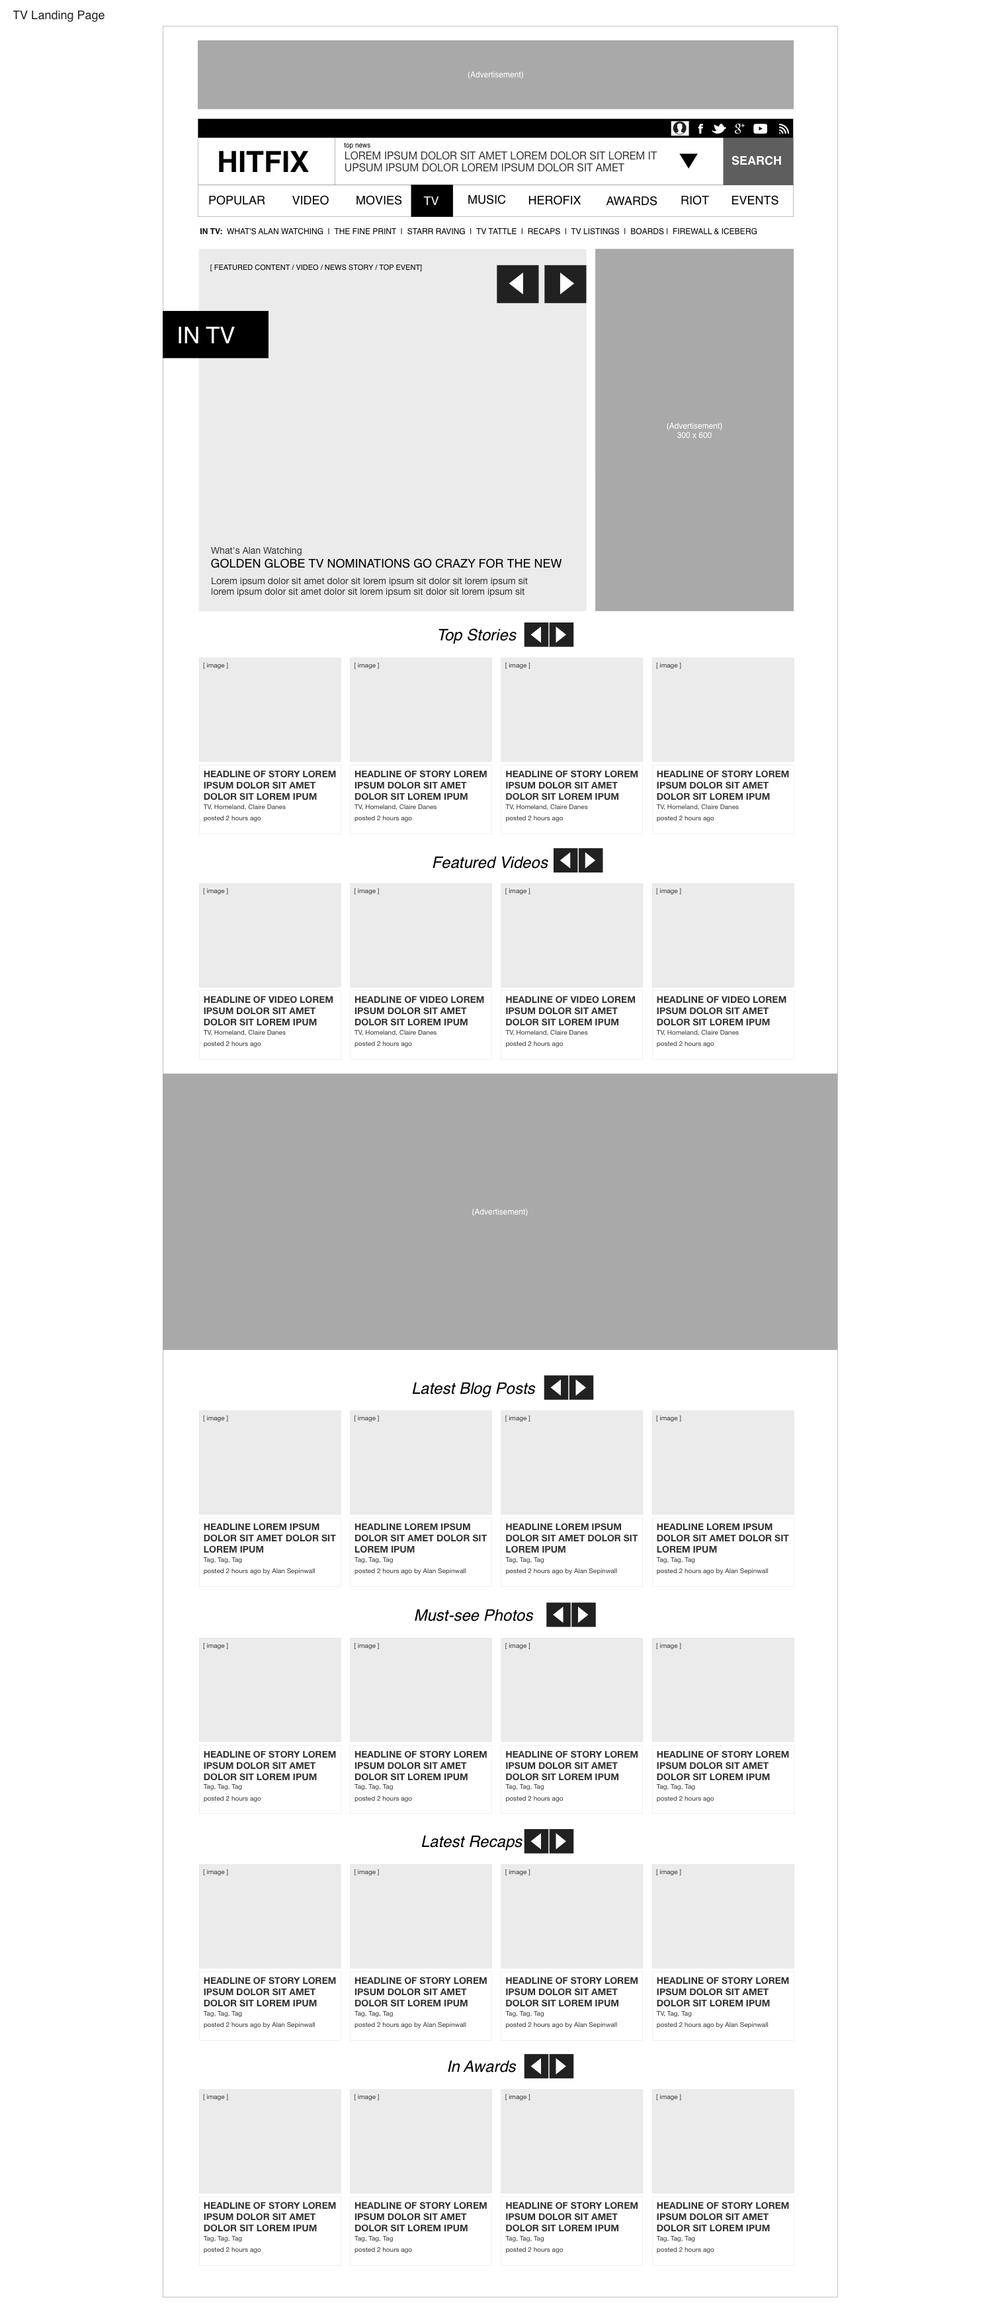 TV Landing Page.jpg